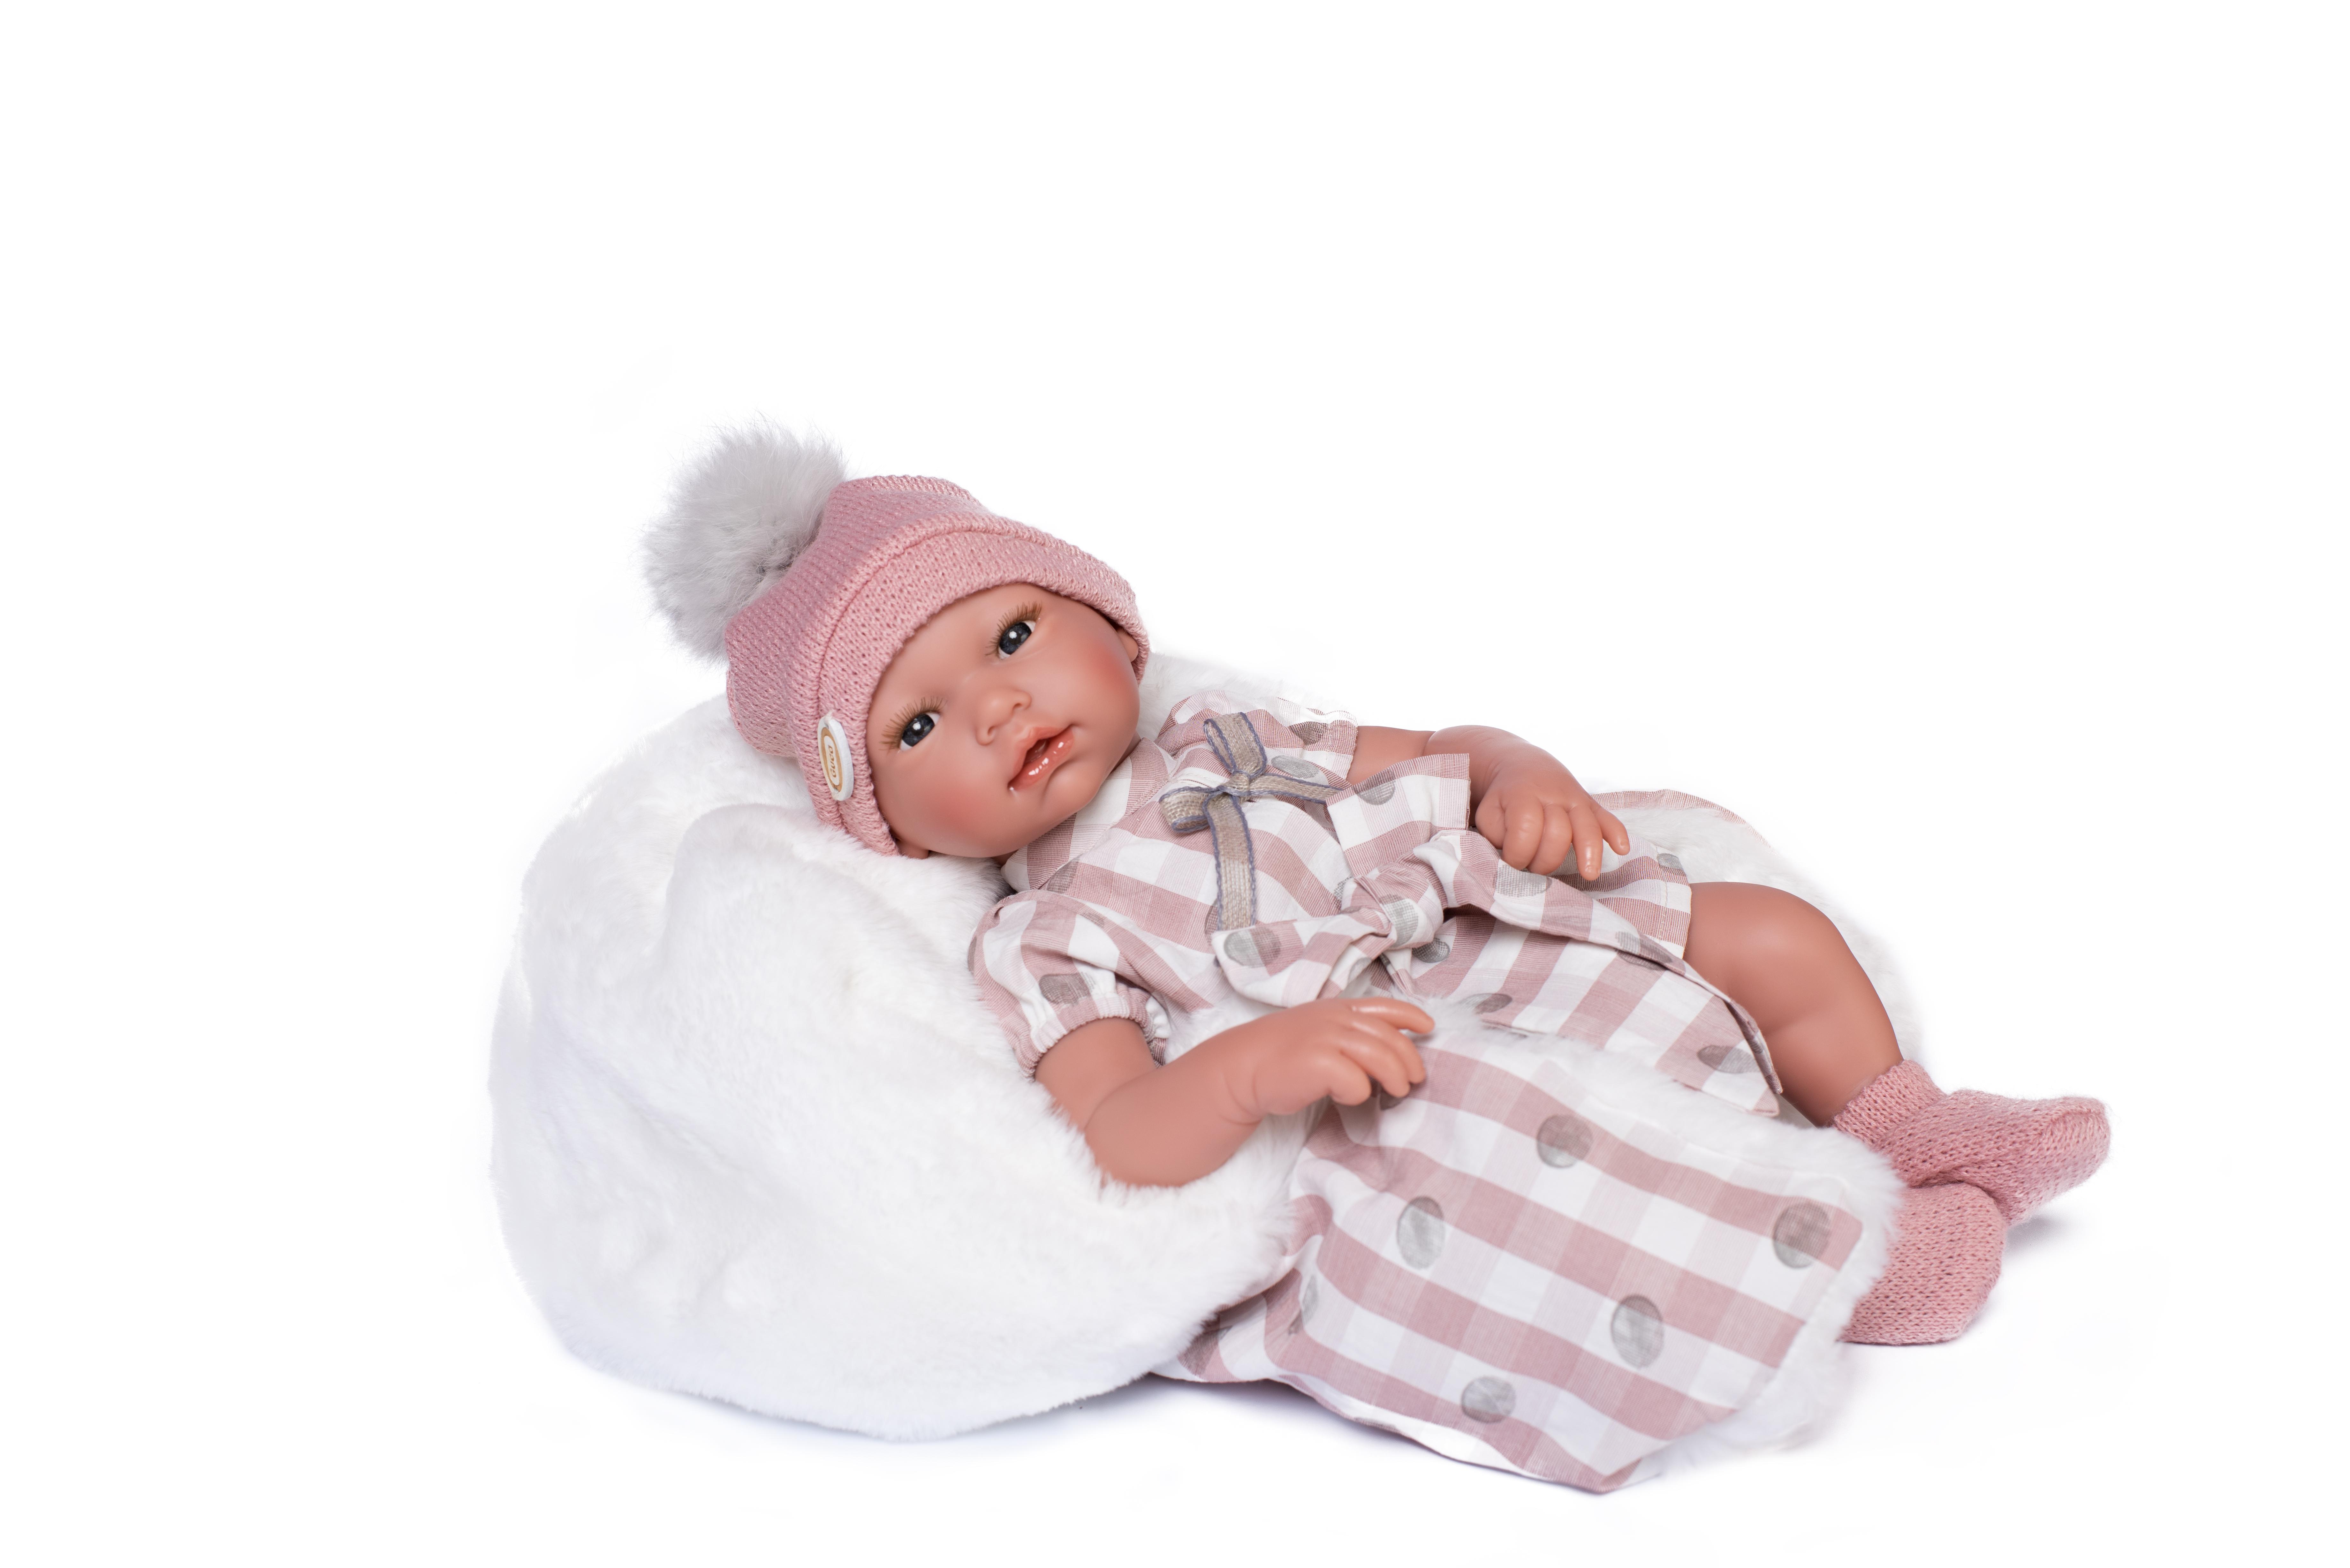 Lara Bebé con ropa rosa con lunares